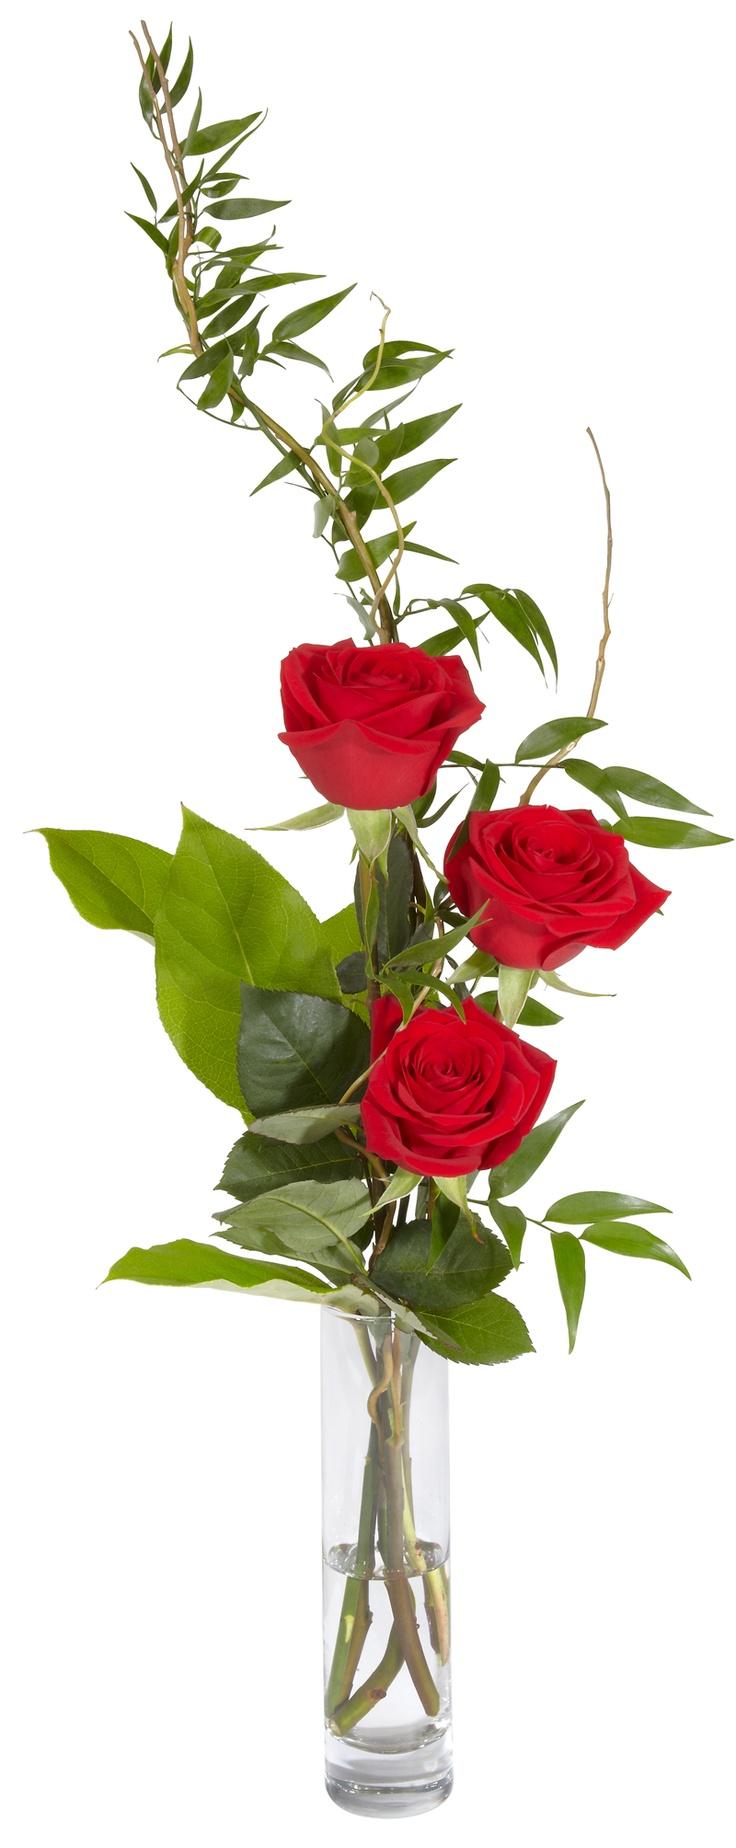 arreglo con base de cristal con rosas